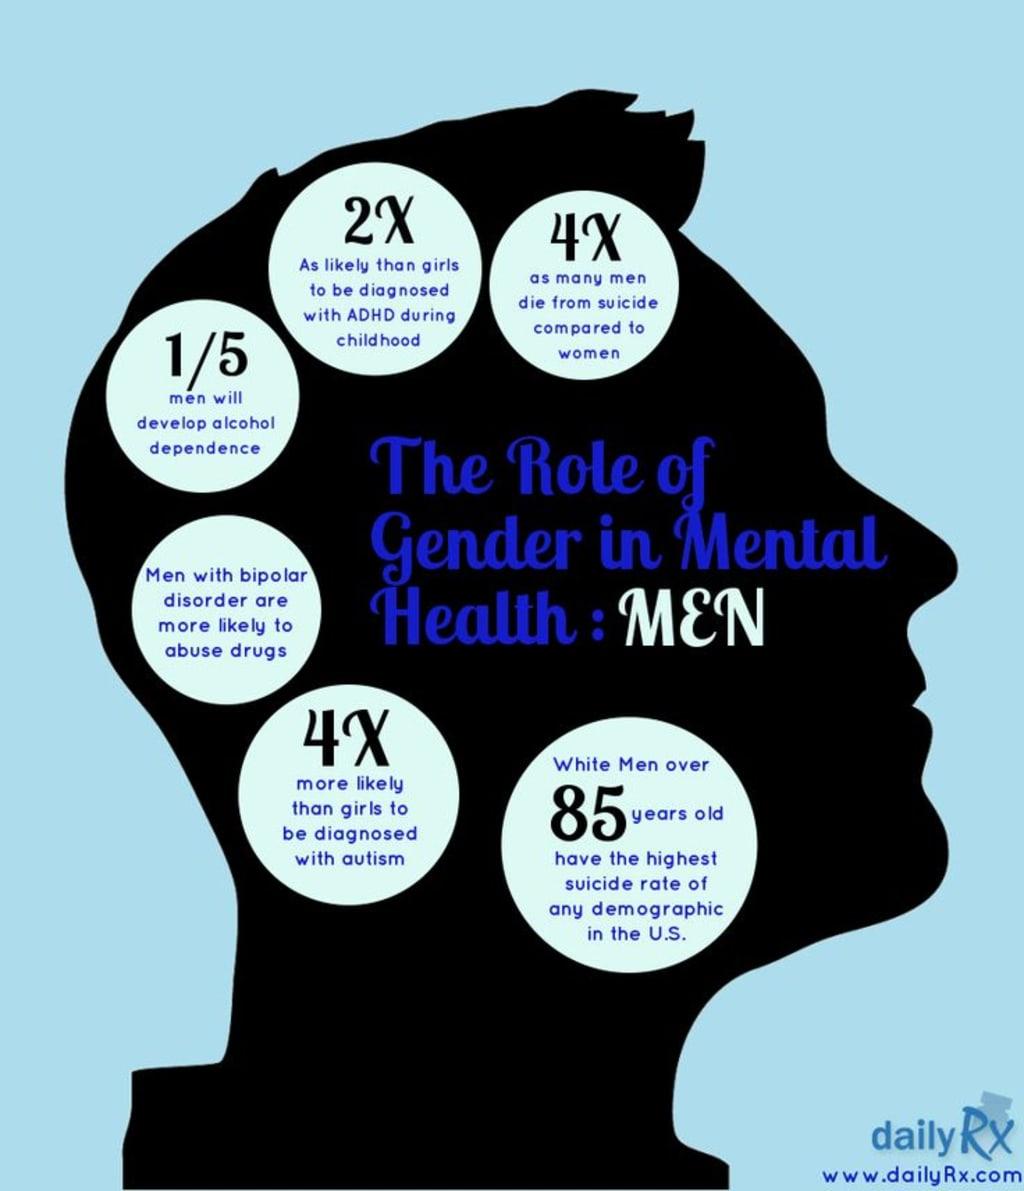 Men and Mental Health